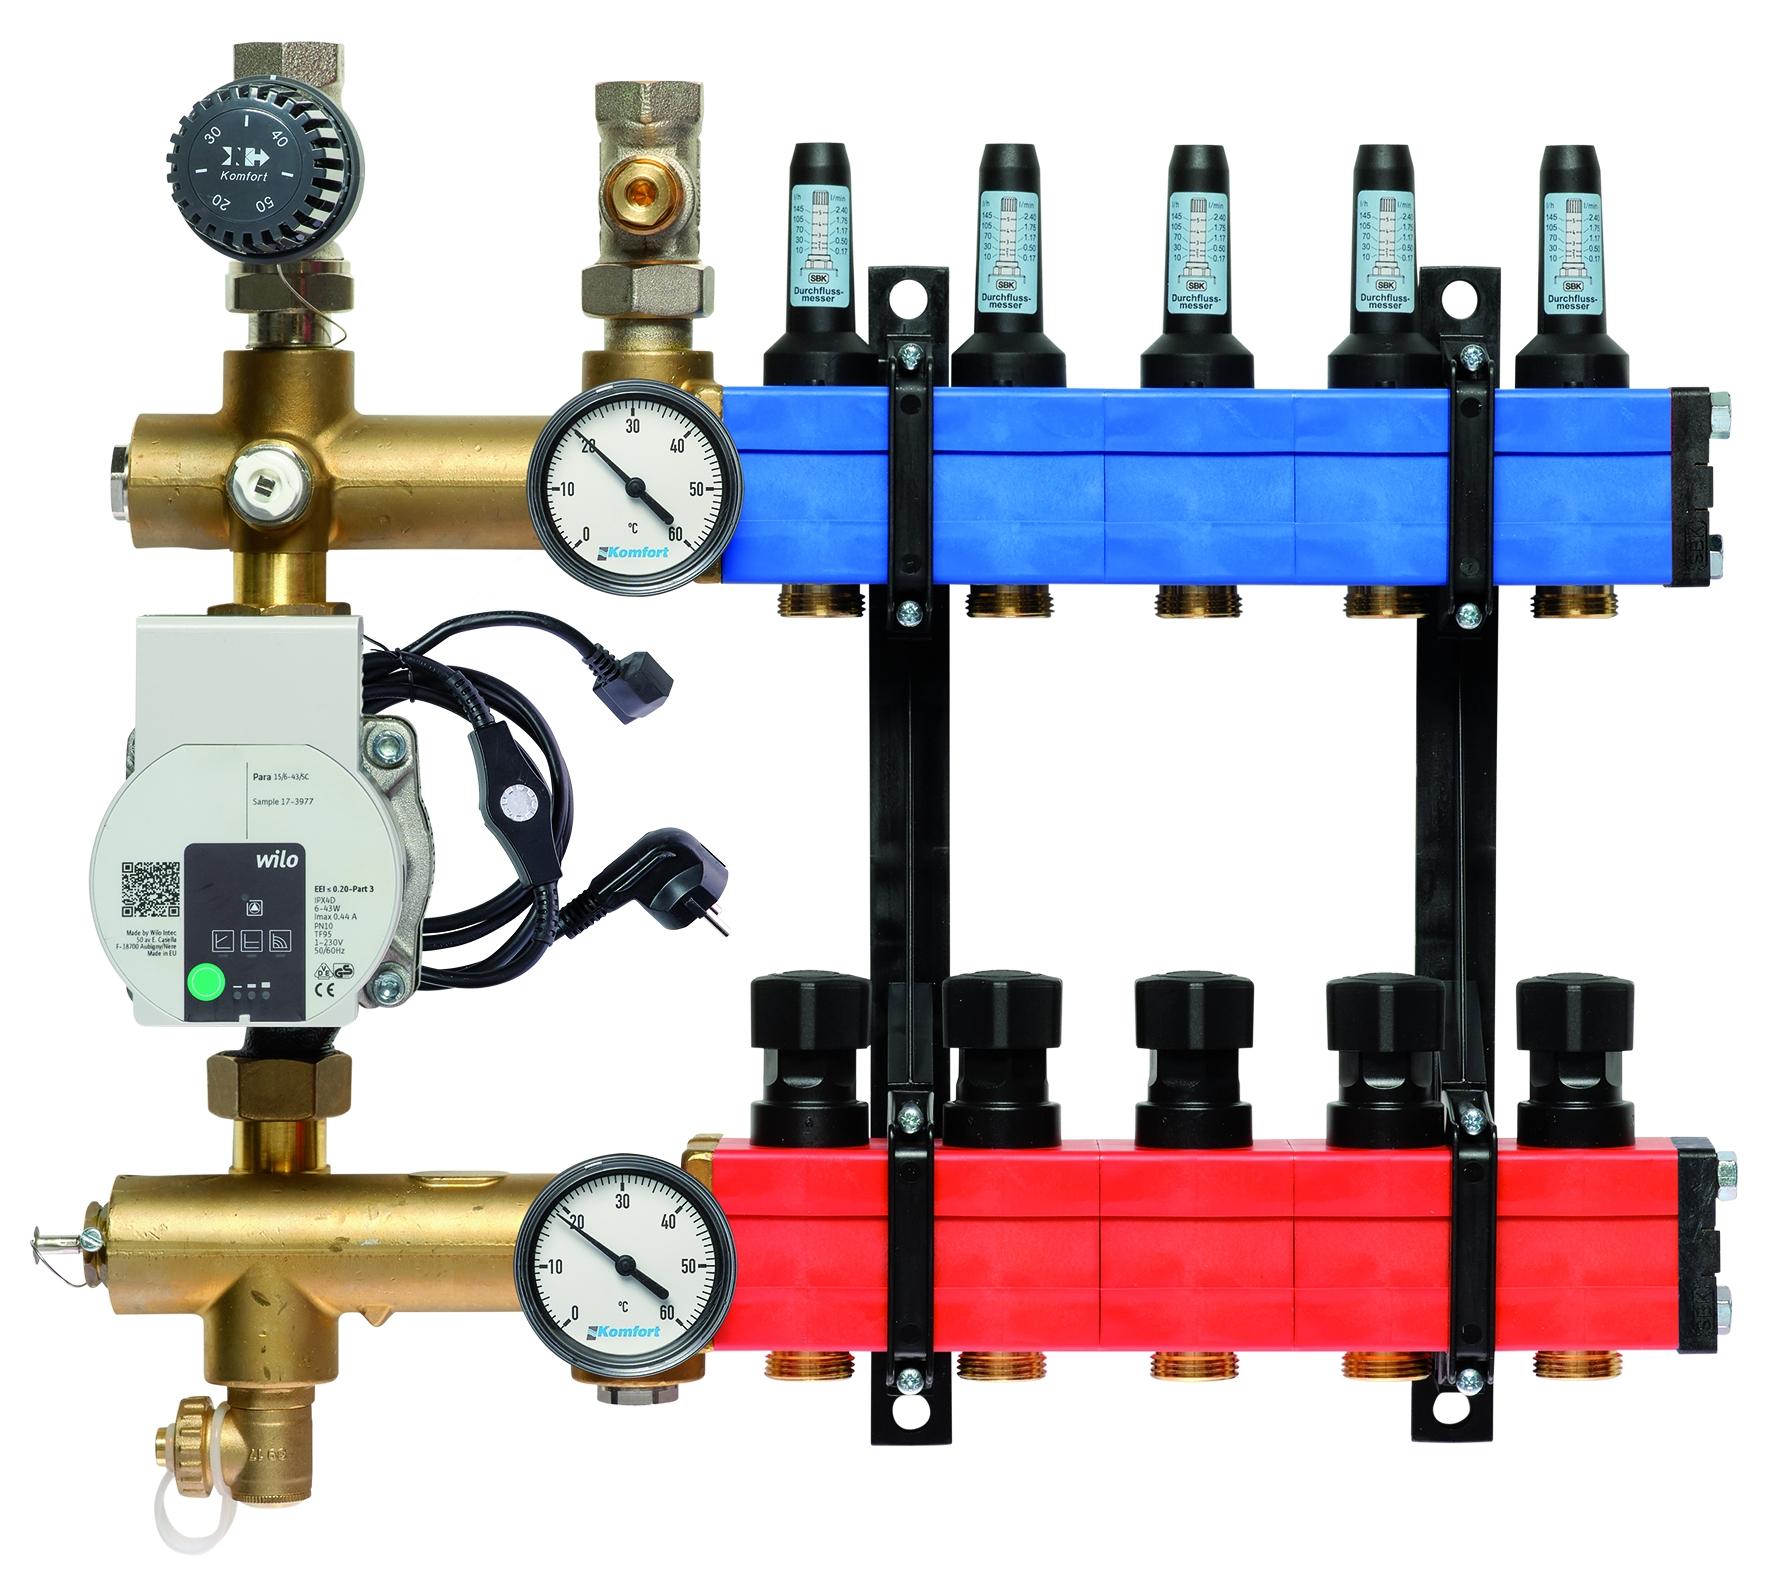 Komfort vloerverwarmingsverdeler b.a. E-pomp, 10-145 l/u.,5 gr.